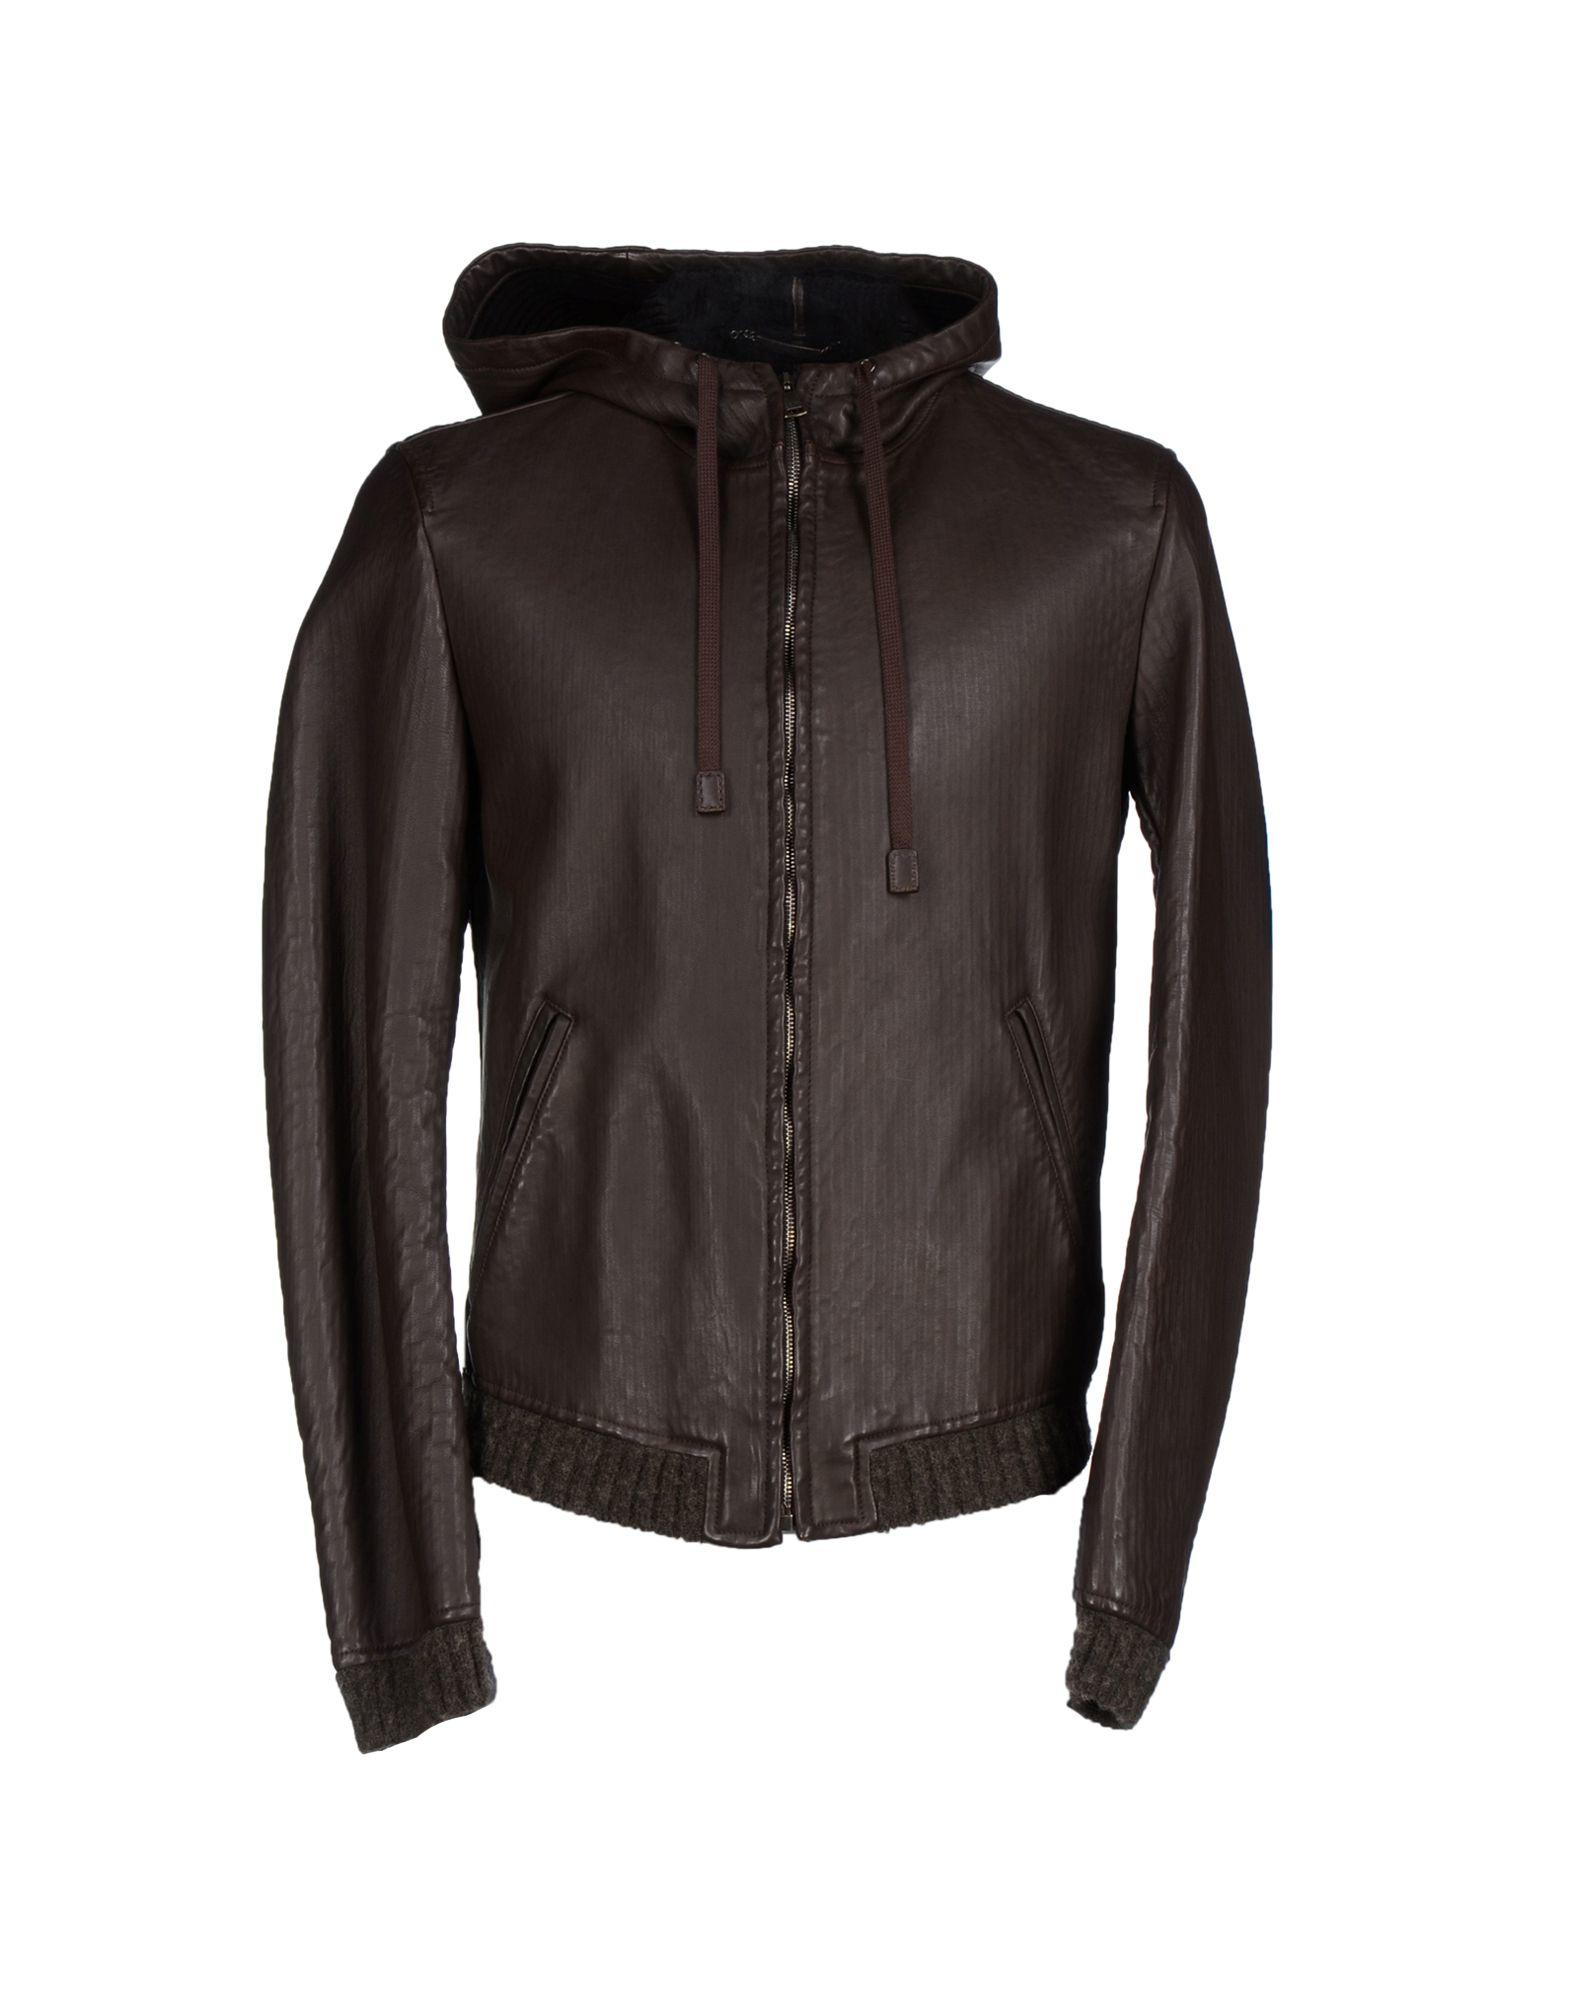 dolce gabbana jacket in brown for men lyst. Black Bedroom Furniture Sets. Home Design Ideas